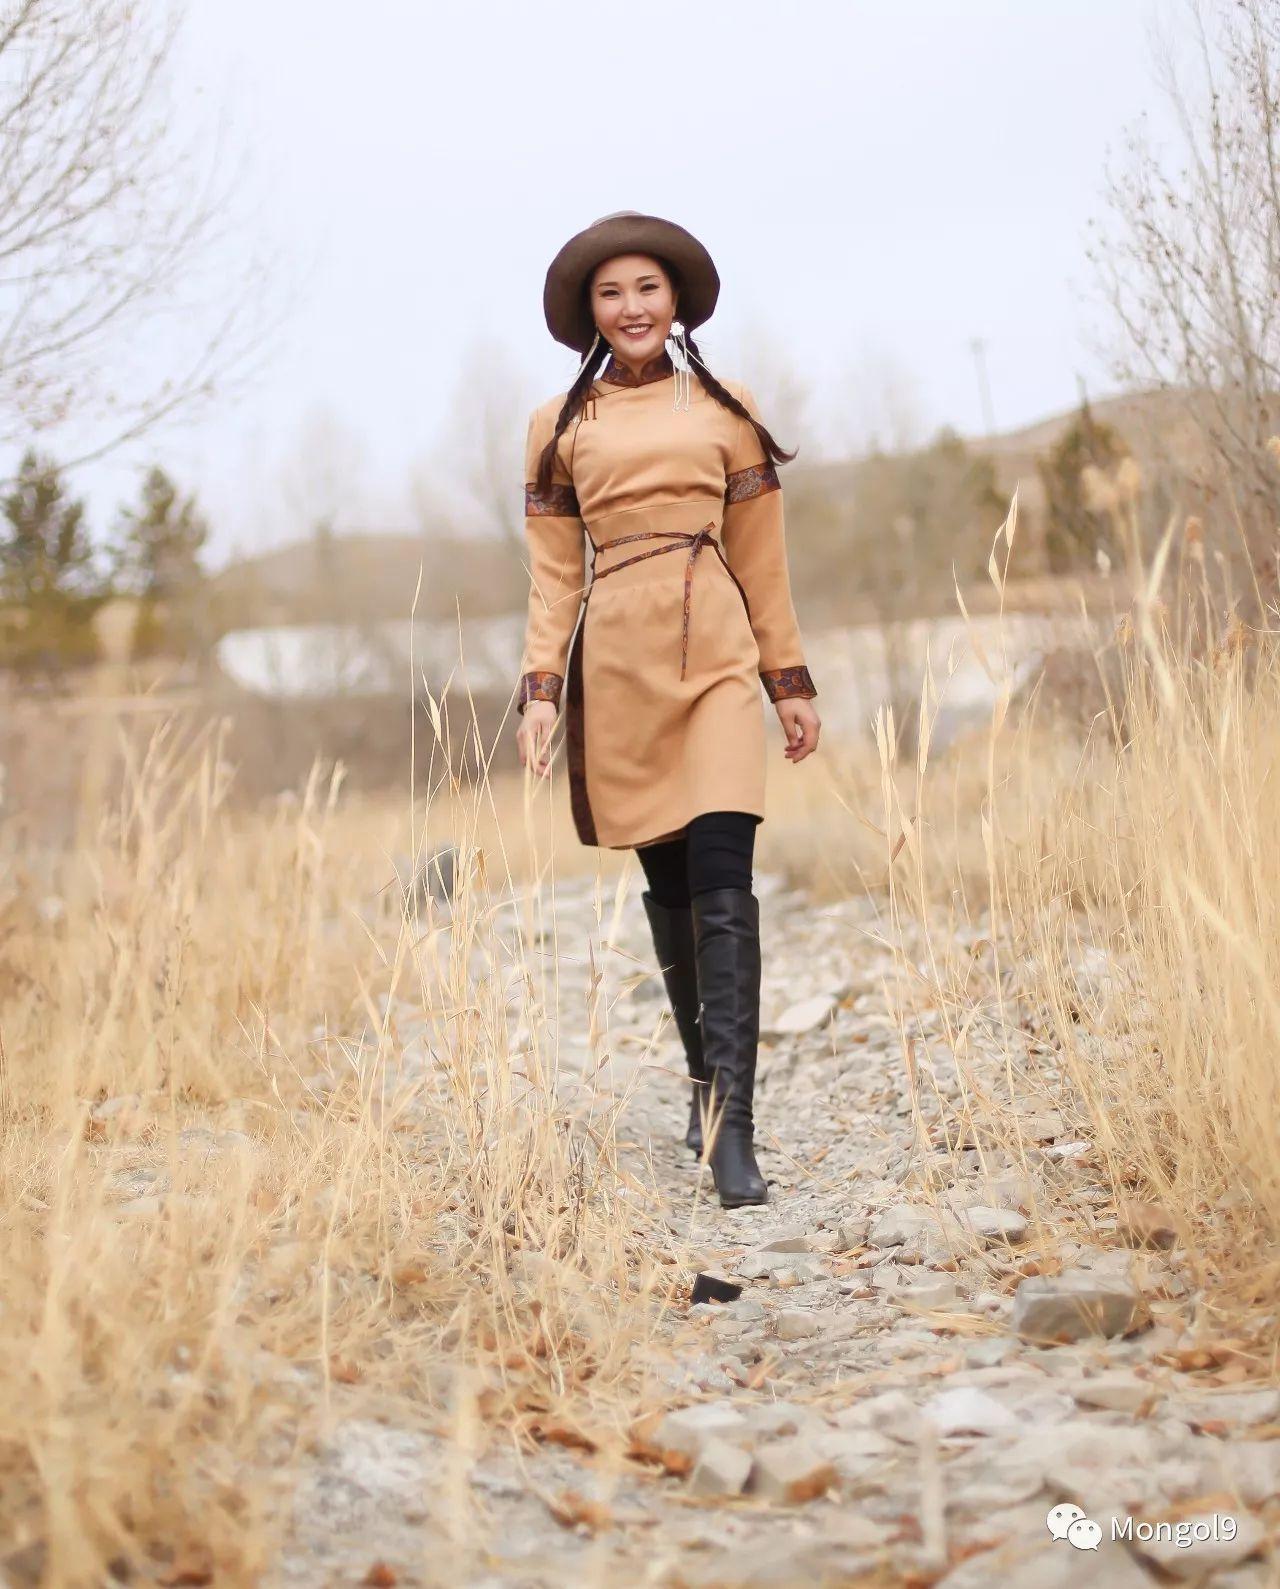 为我的蒙古闺蜜们而设计 第17张 为我的蒙古闺蜜们而设计 蒙古服饰